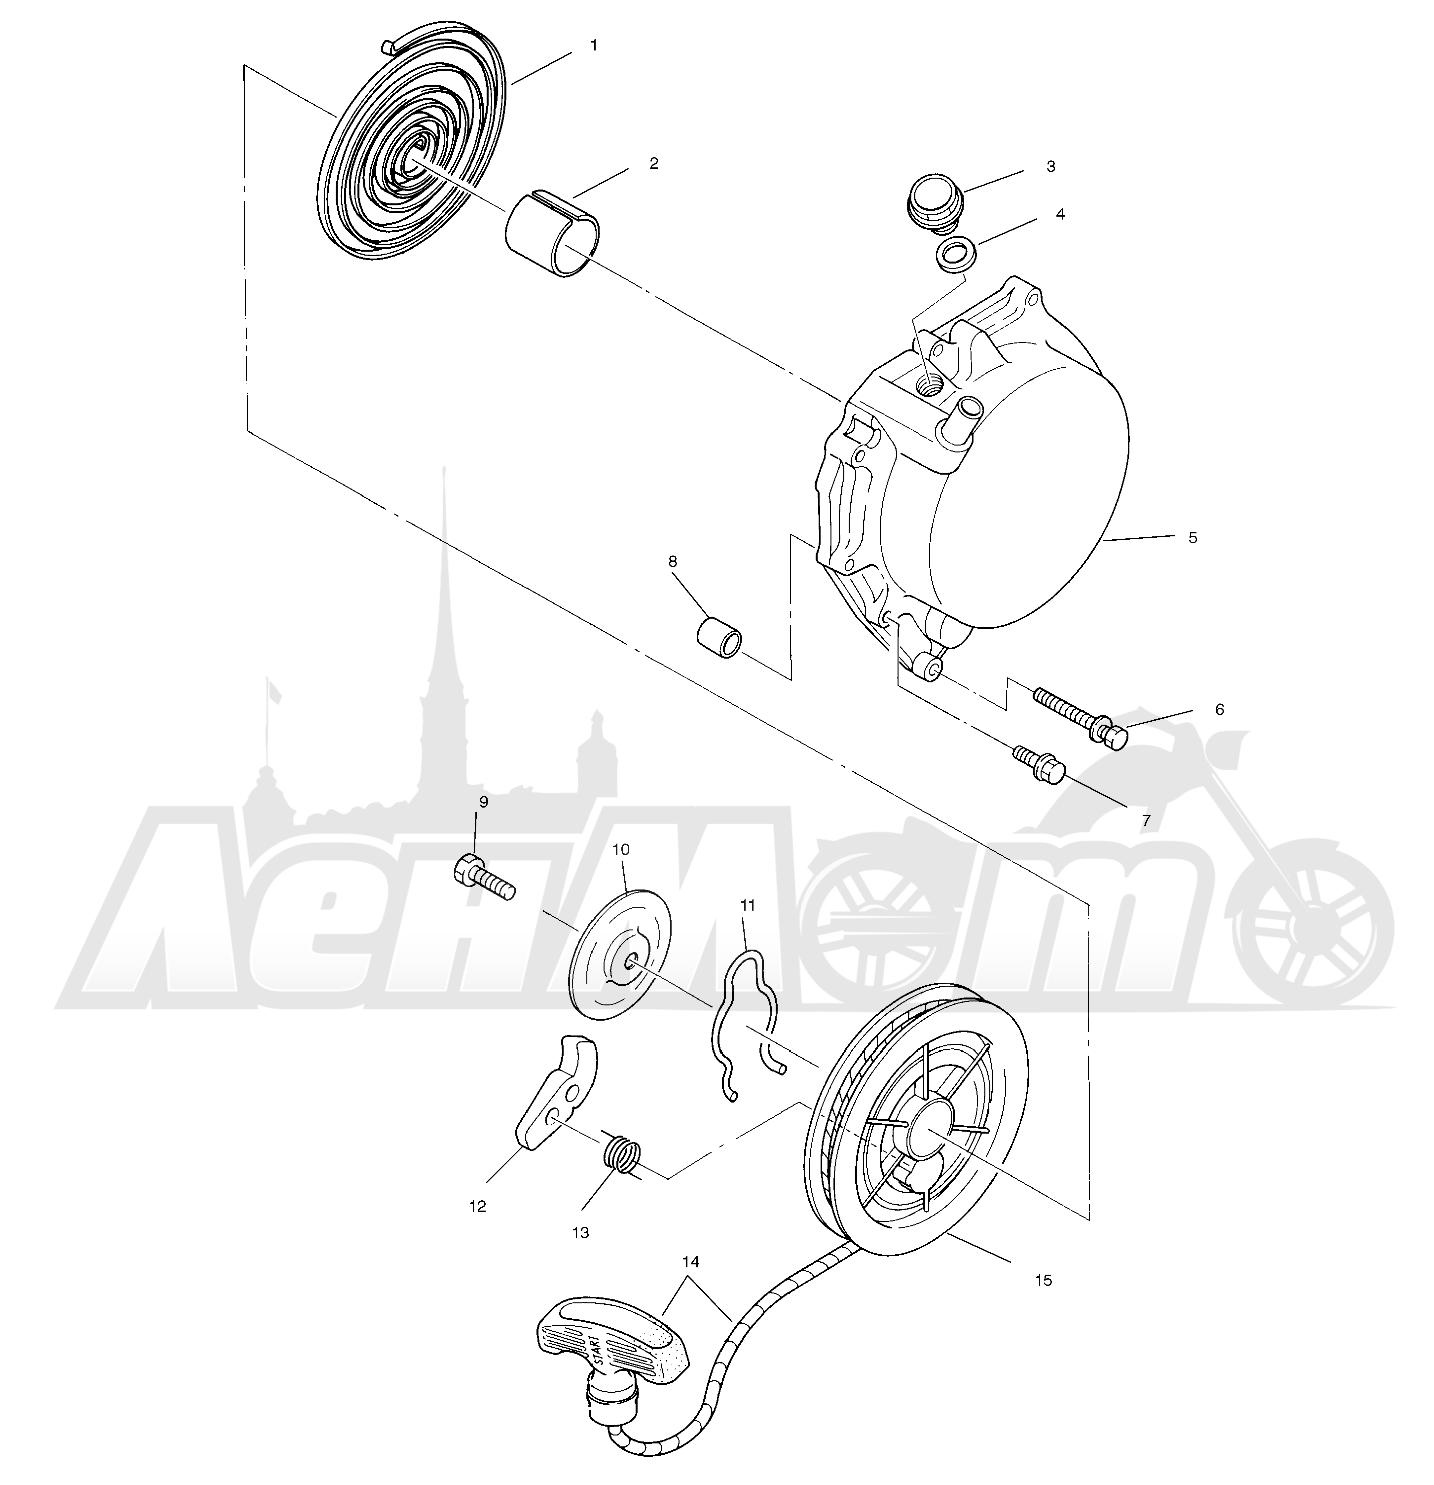 Запчасти для Квадроцикла Polaris 1996 SPORT 400L - W968540 Раздел: RECOIL STARTER (SPORT) - W968540 | ручной стартер (спорт) W968540